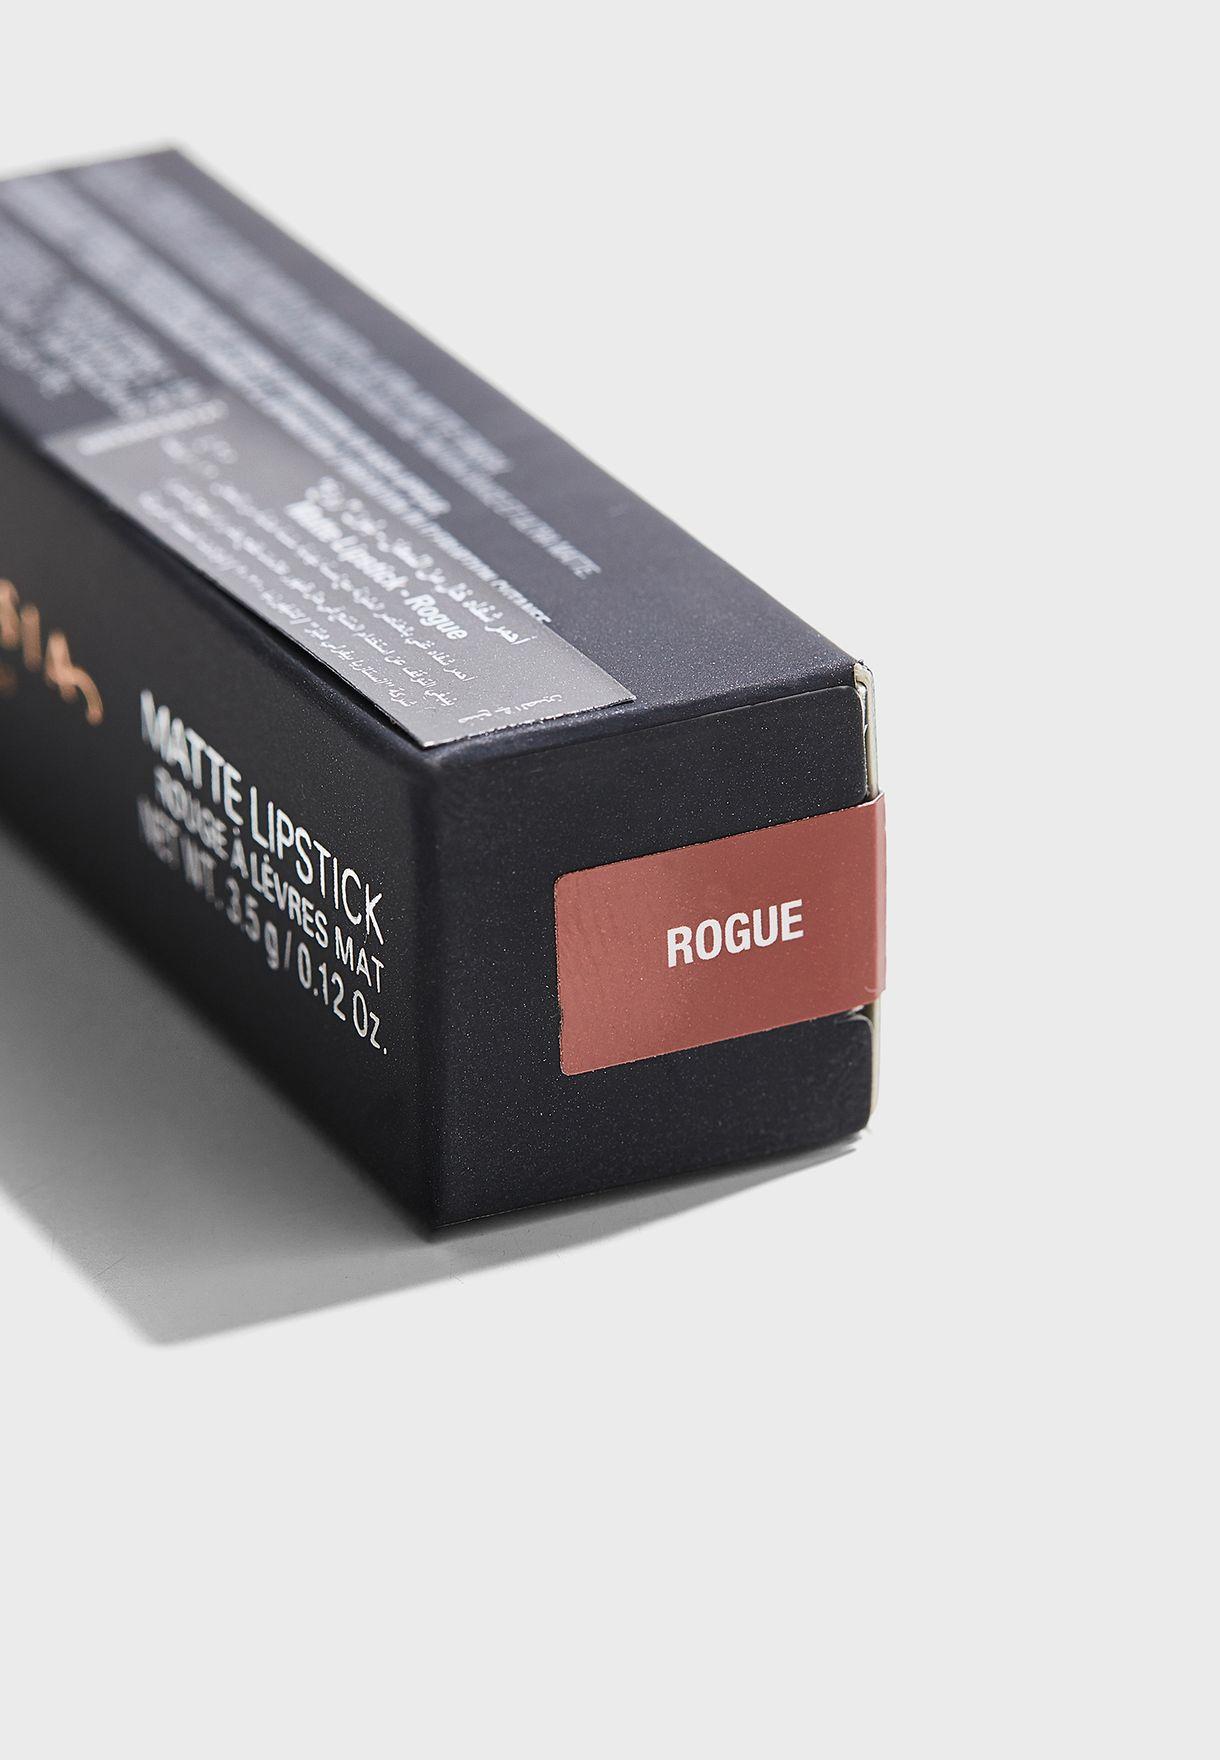 Matte Lipsticks - Rogue